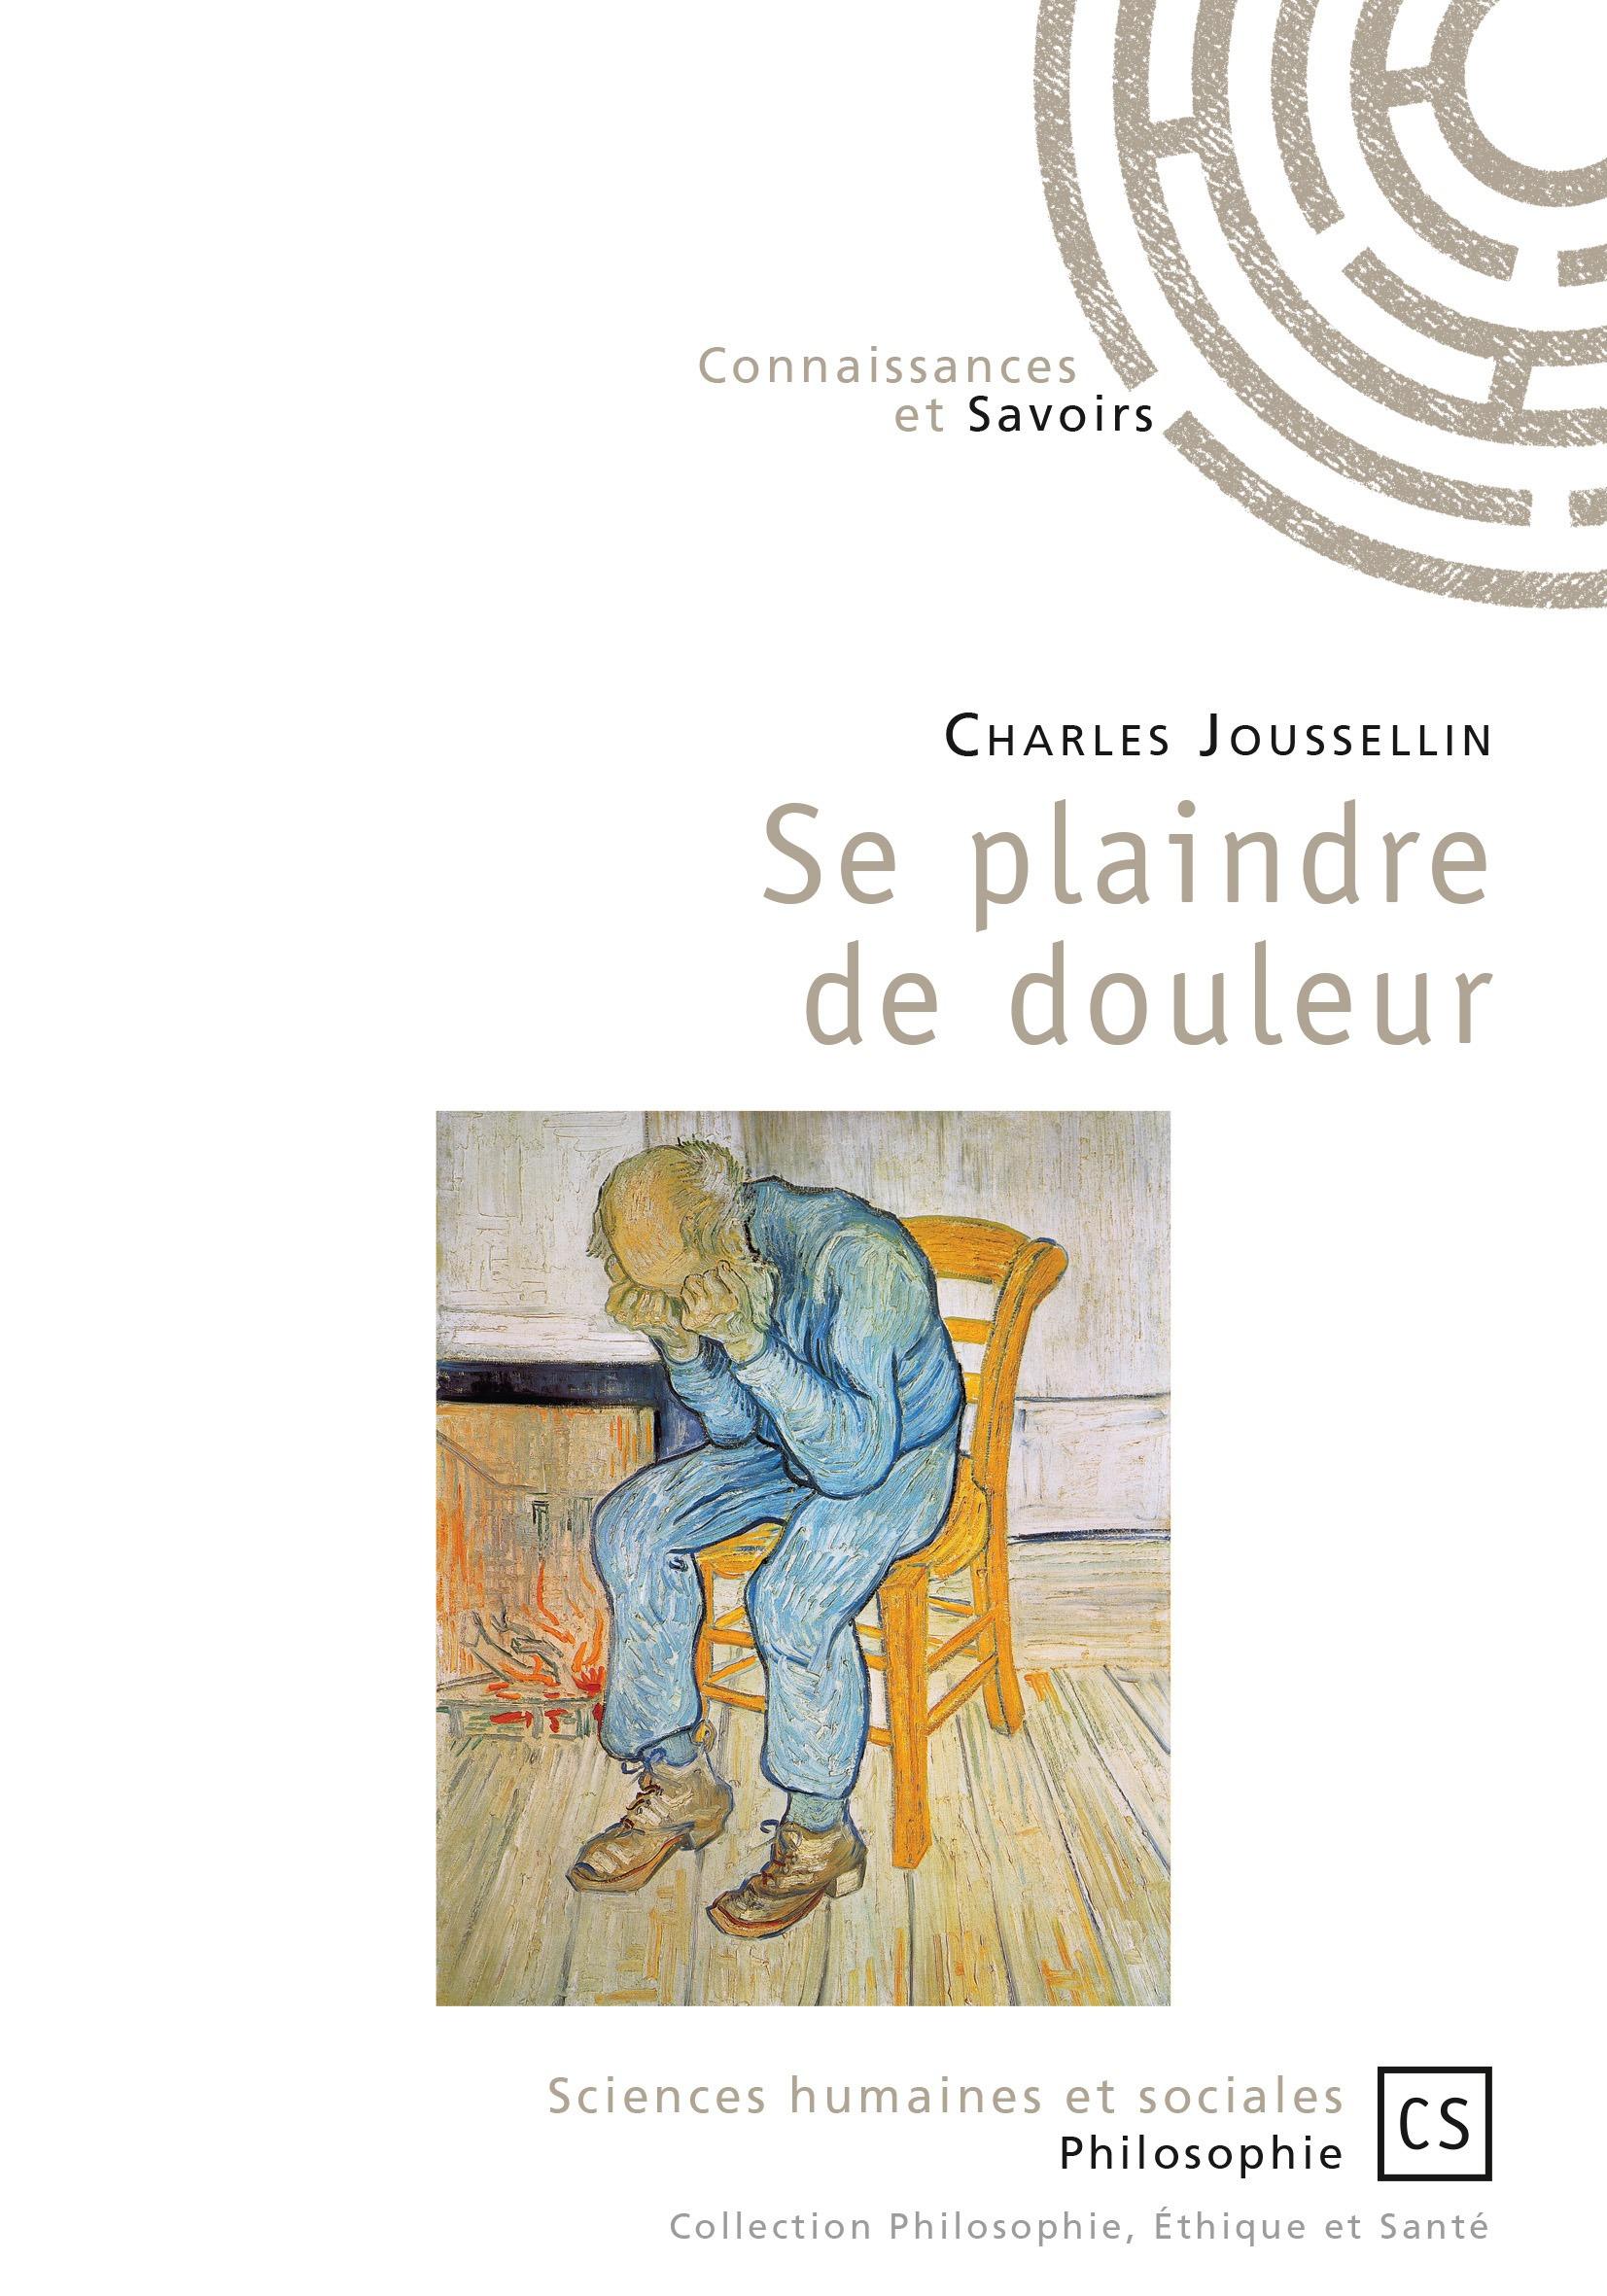 Charles Joussellin Se plaindre de douleur